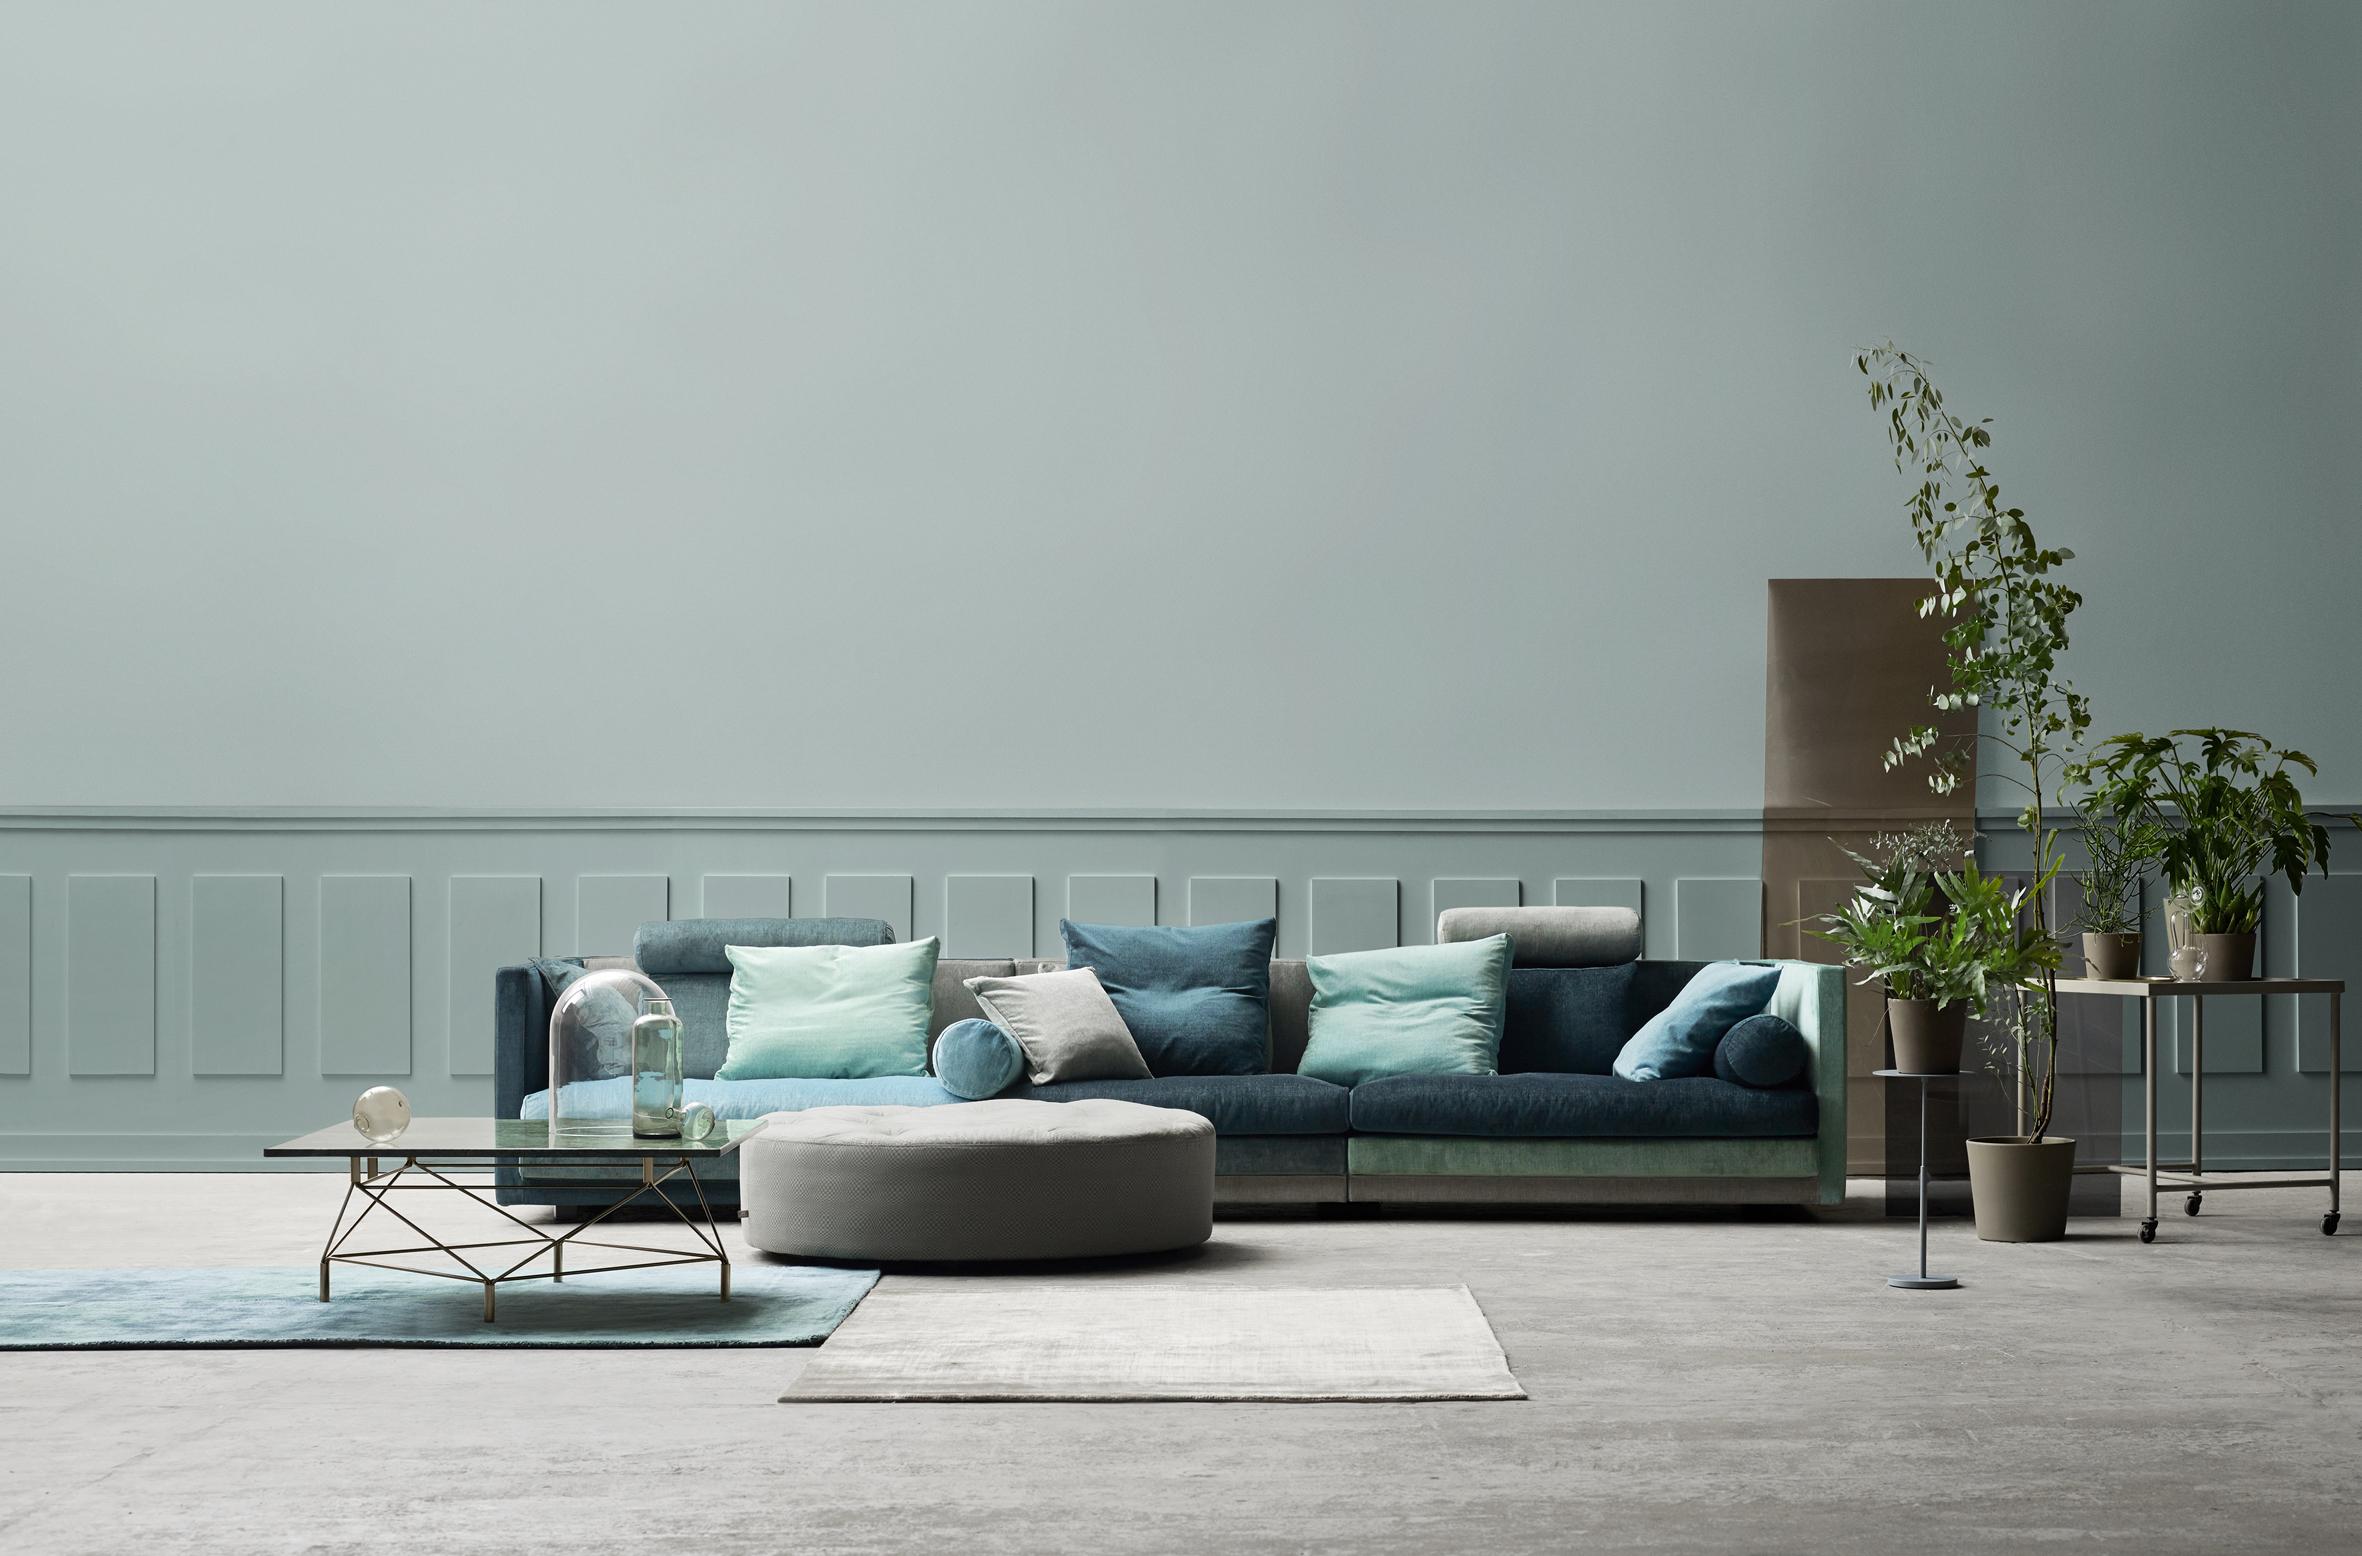 Noen sofaleverandører tilbyr muligheten for å mikse med farger og stoff. Her er Cocoon sofa fra Eilersen vist.